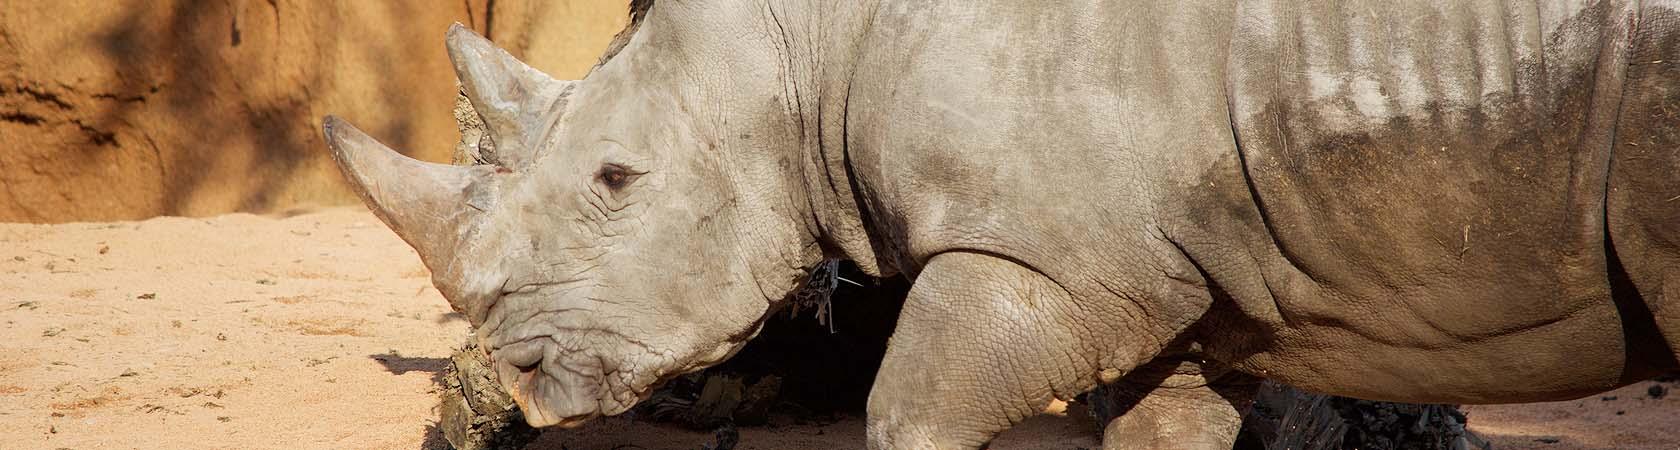 rinoceronte-parco-faunistico-le-cornelle-leonardo-delfini